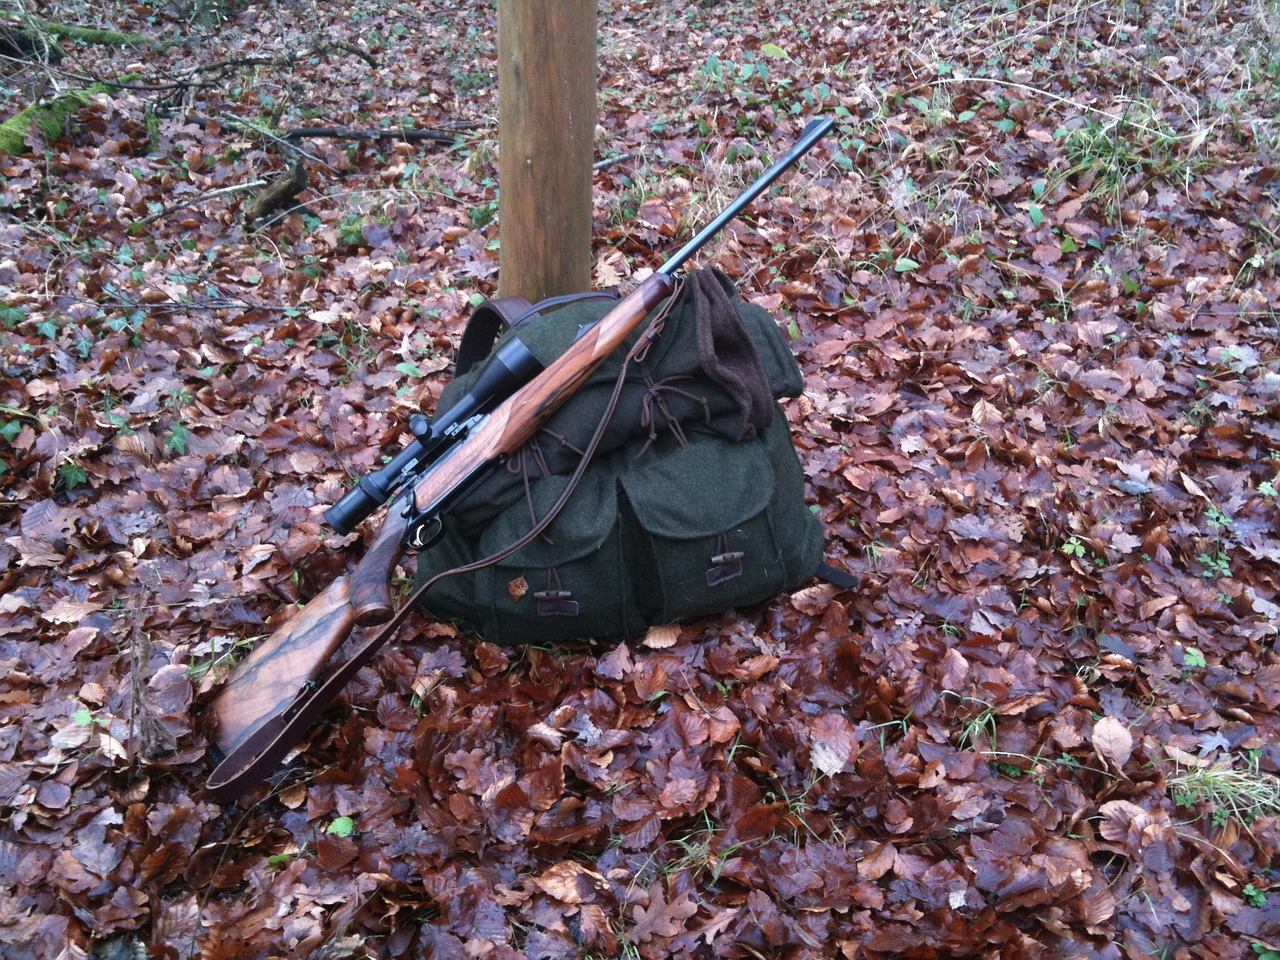 Quel type de sacs emporter pour la chasse ?